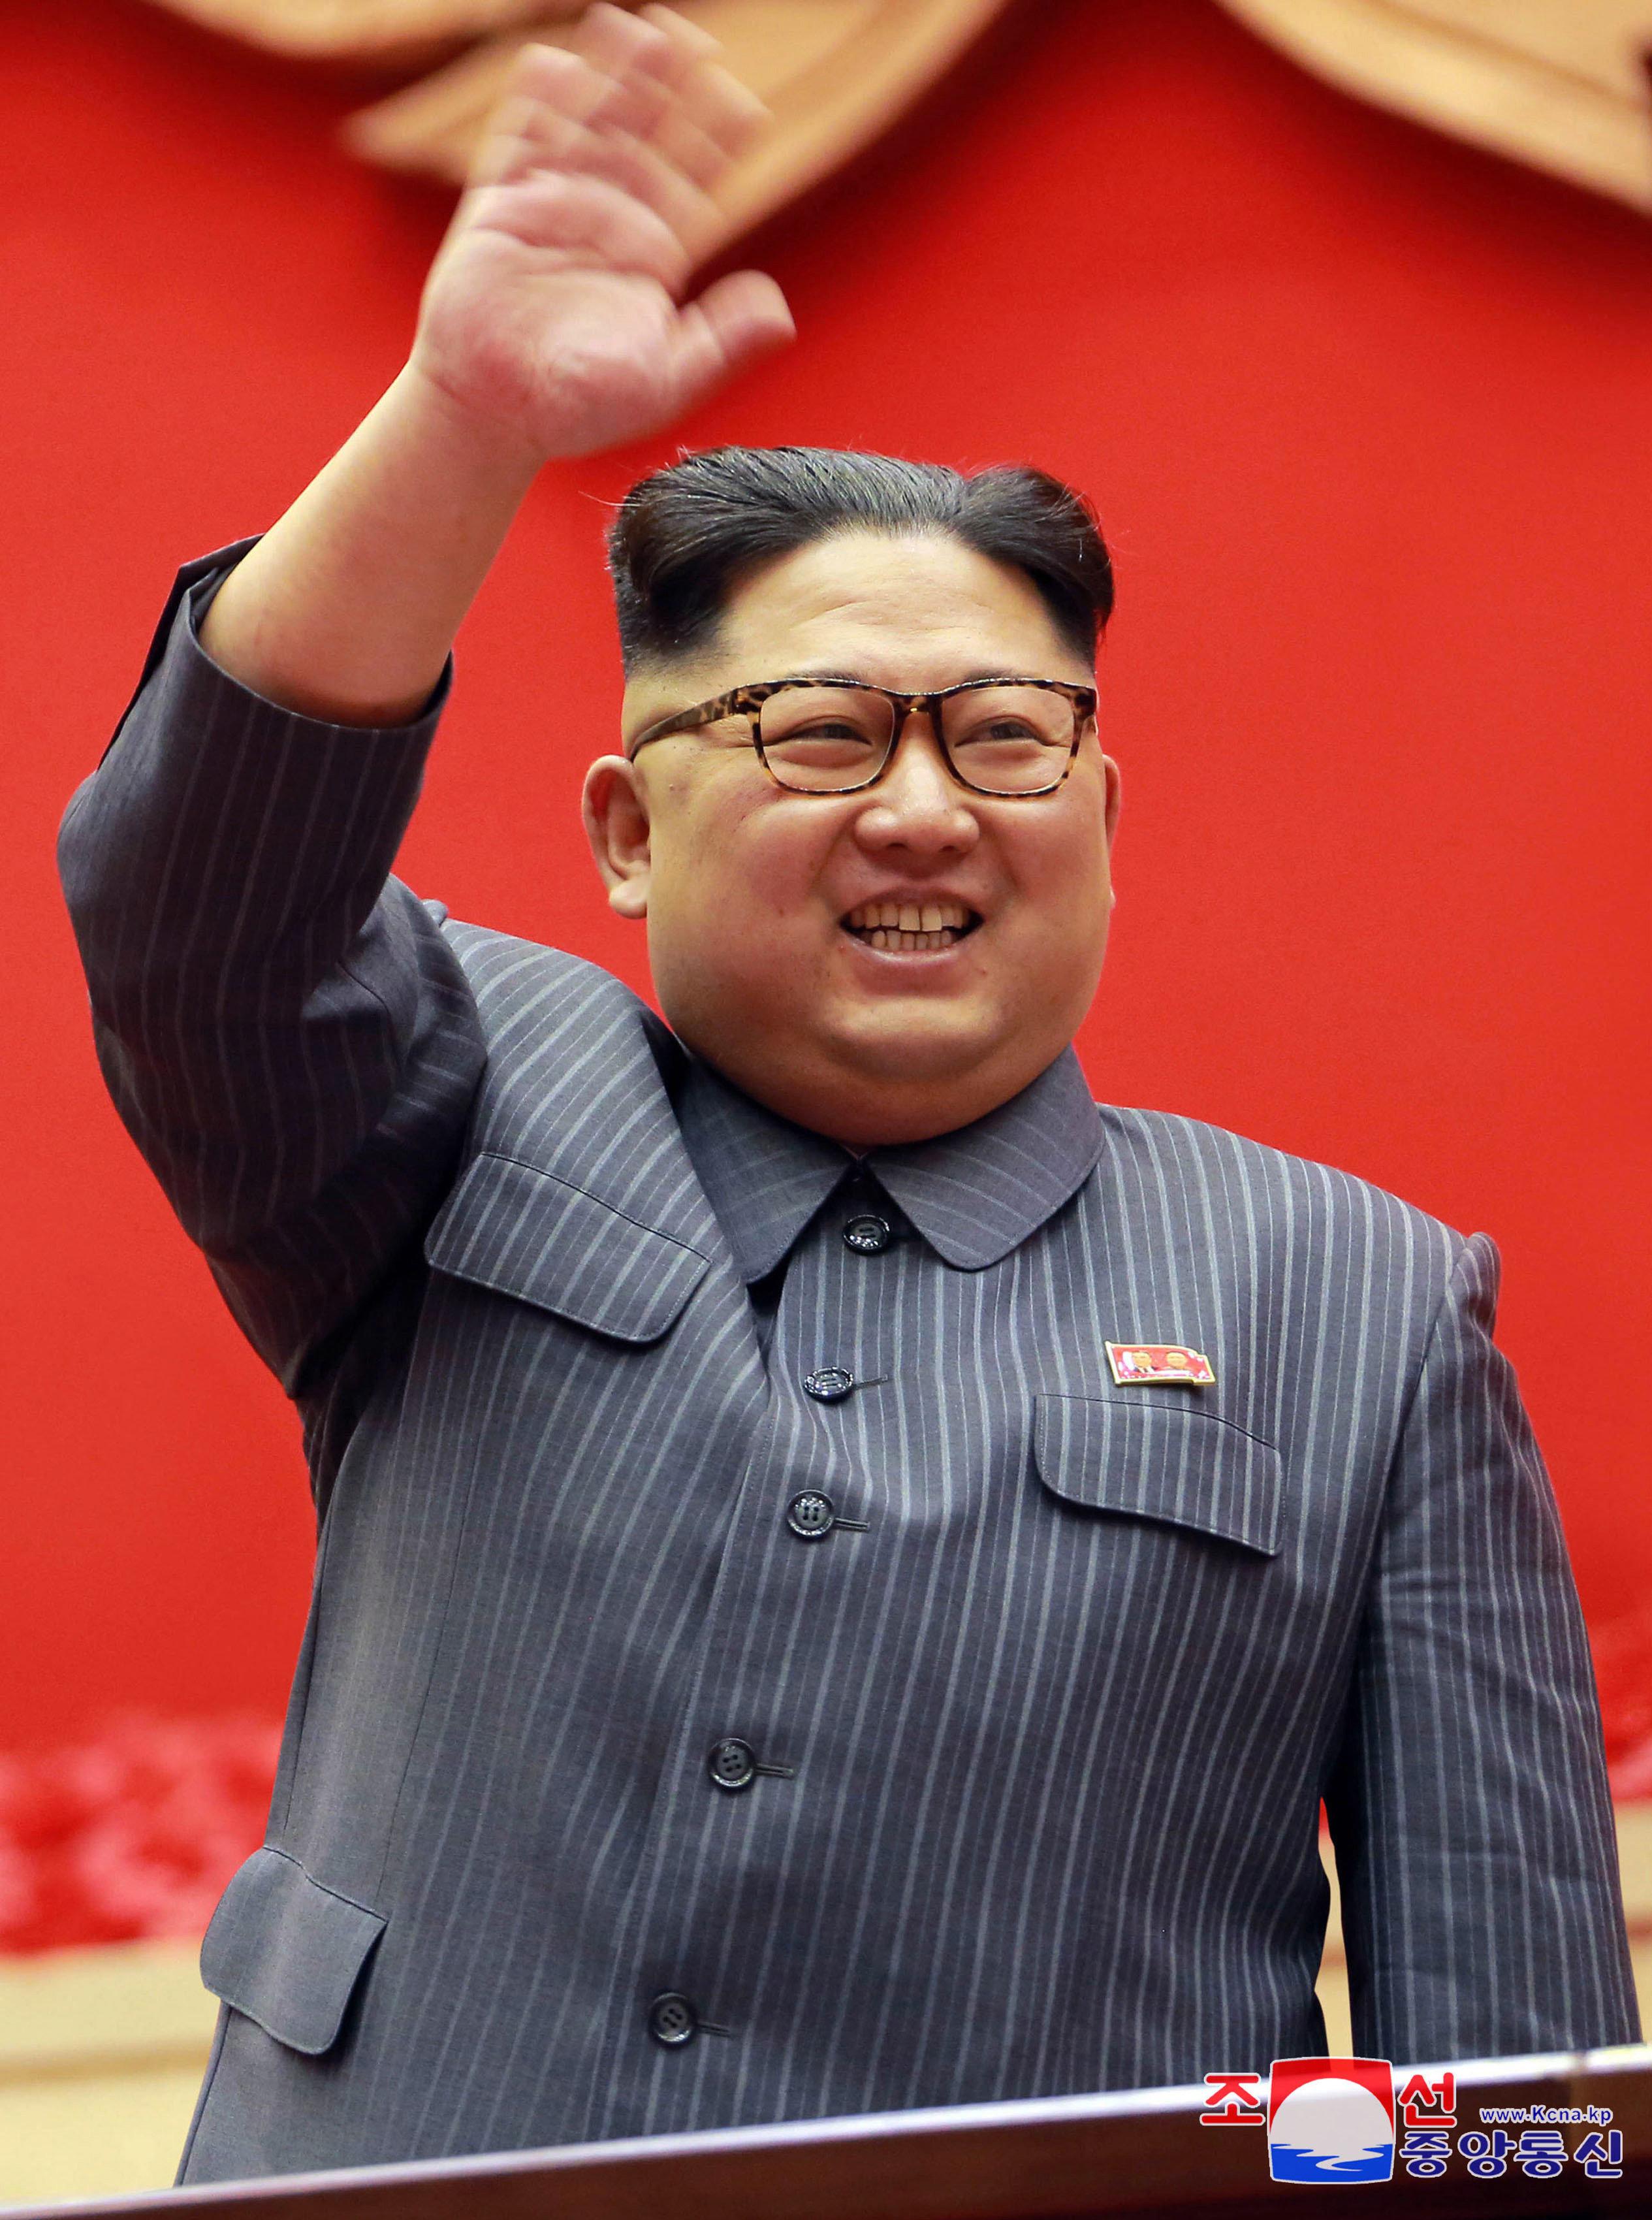 Warum Kim Jong-un einer der Gewinner des Jahres ist